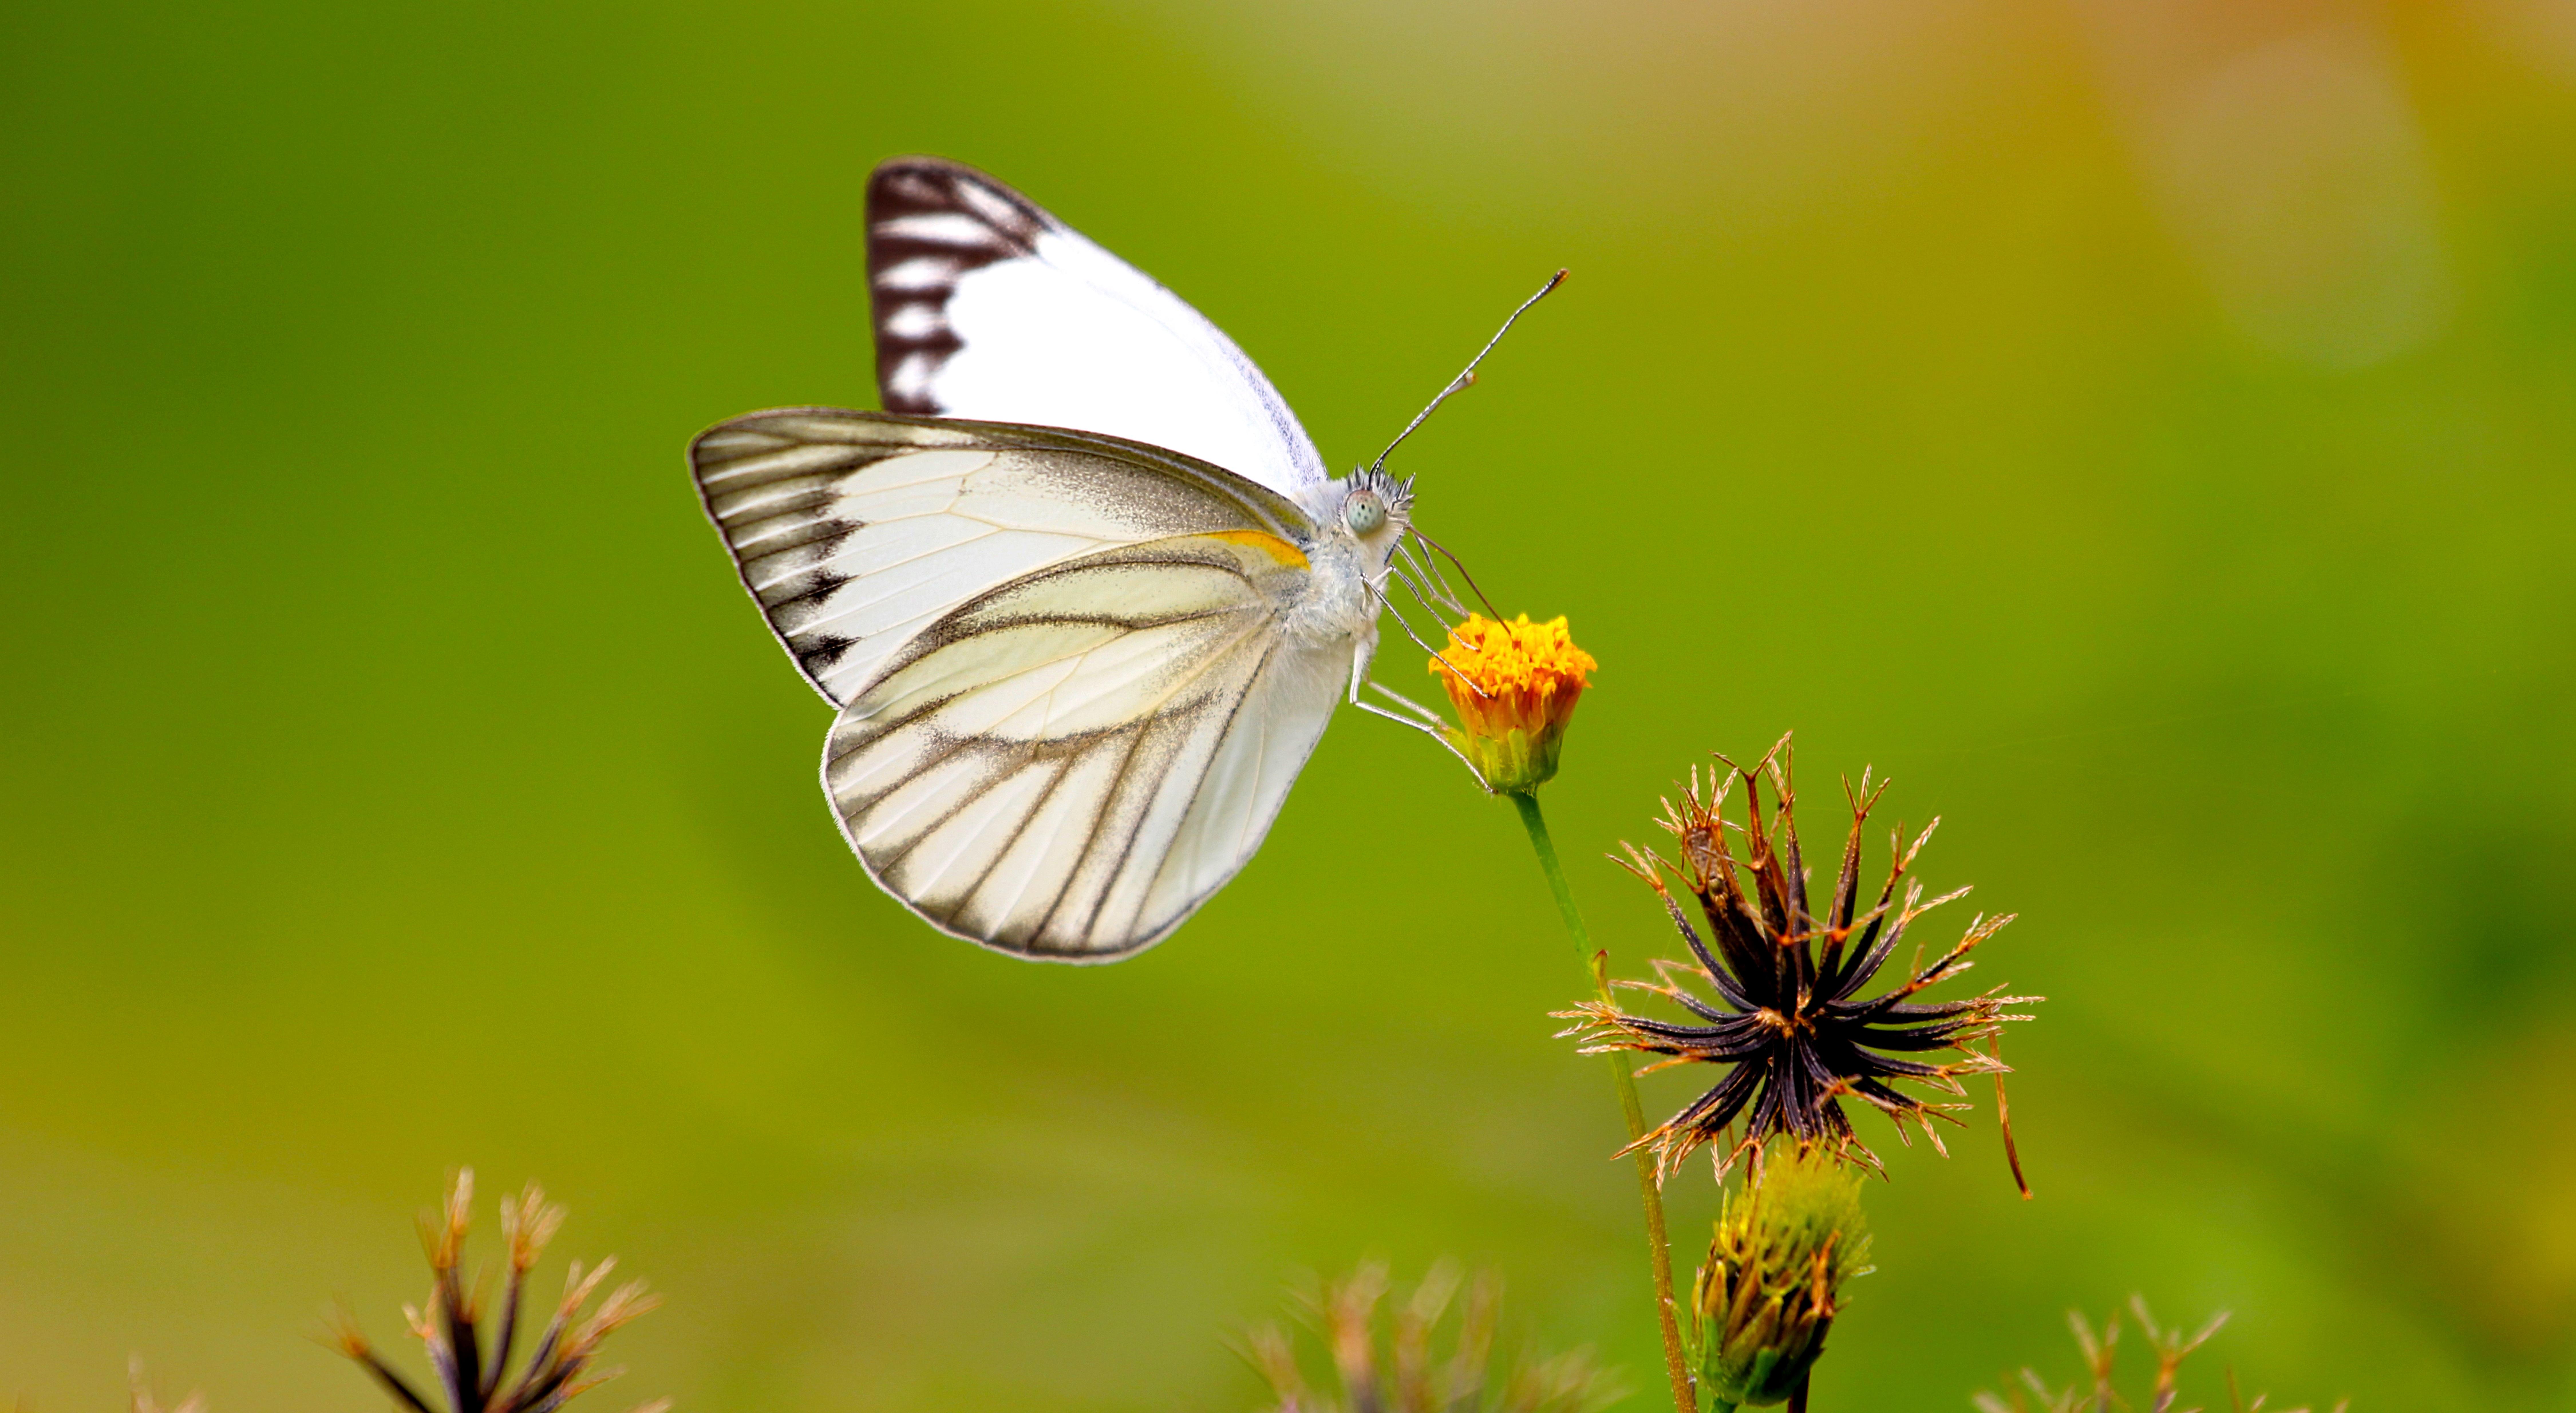 White Butterfly Wallpaper 4K 8K | HD Wallpaper Background